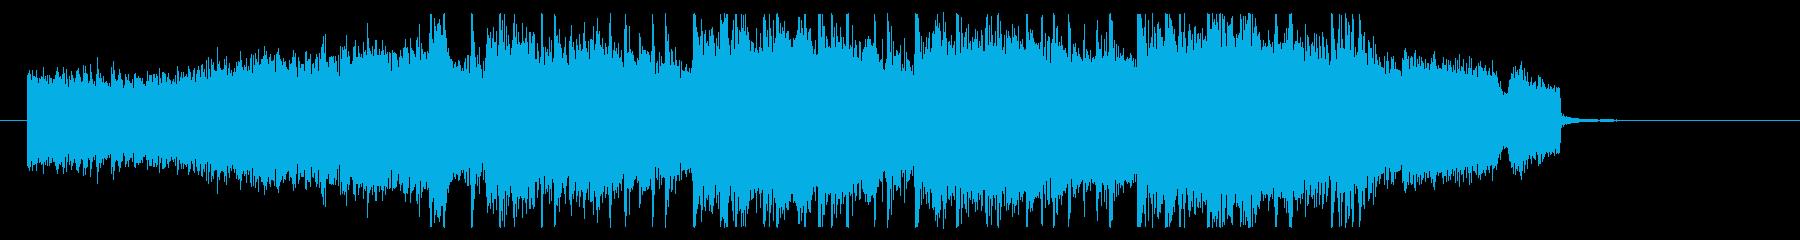 朝 目覚め 前向き疾走ポップジングルの再生済みの波形